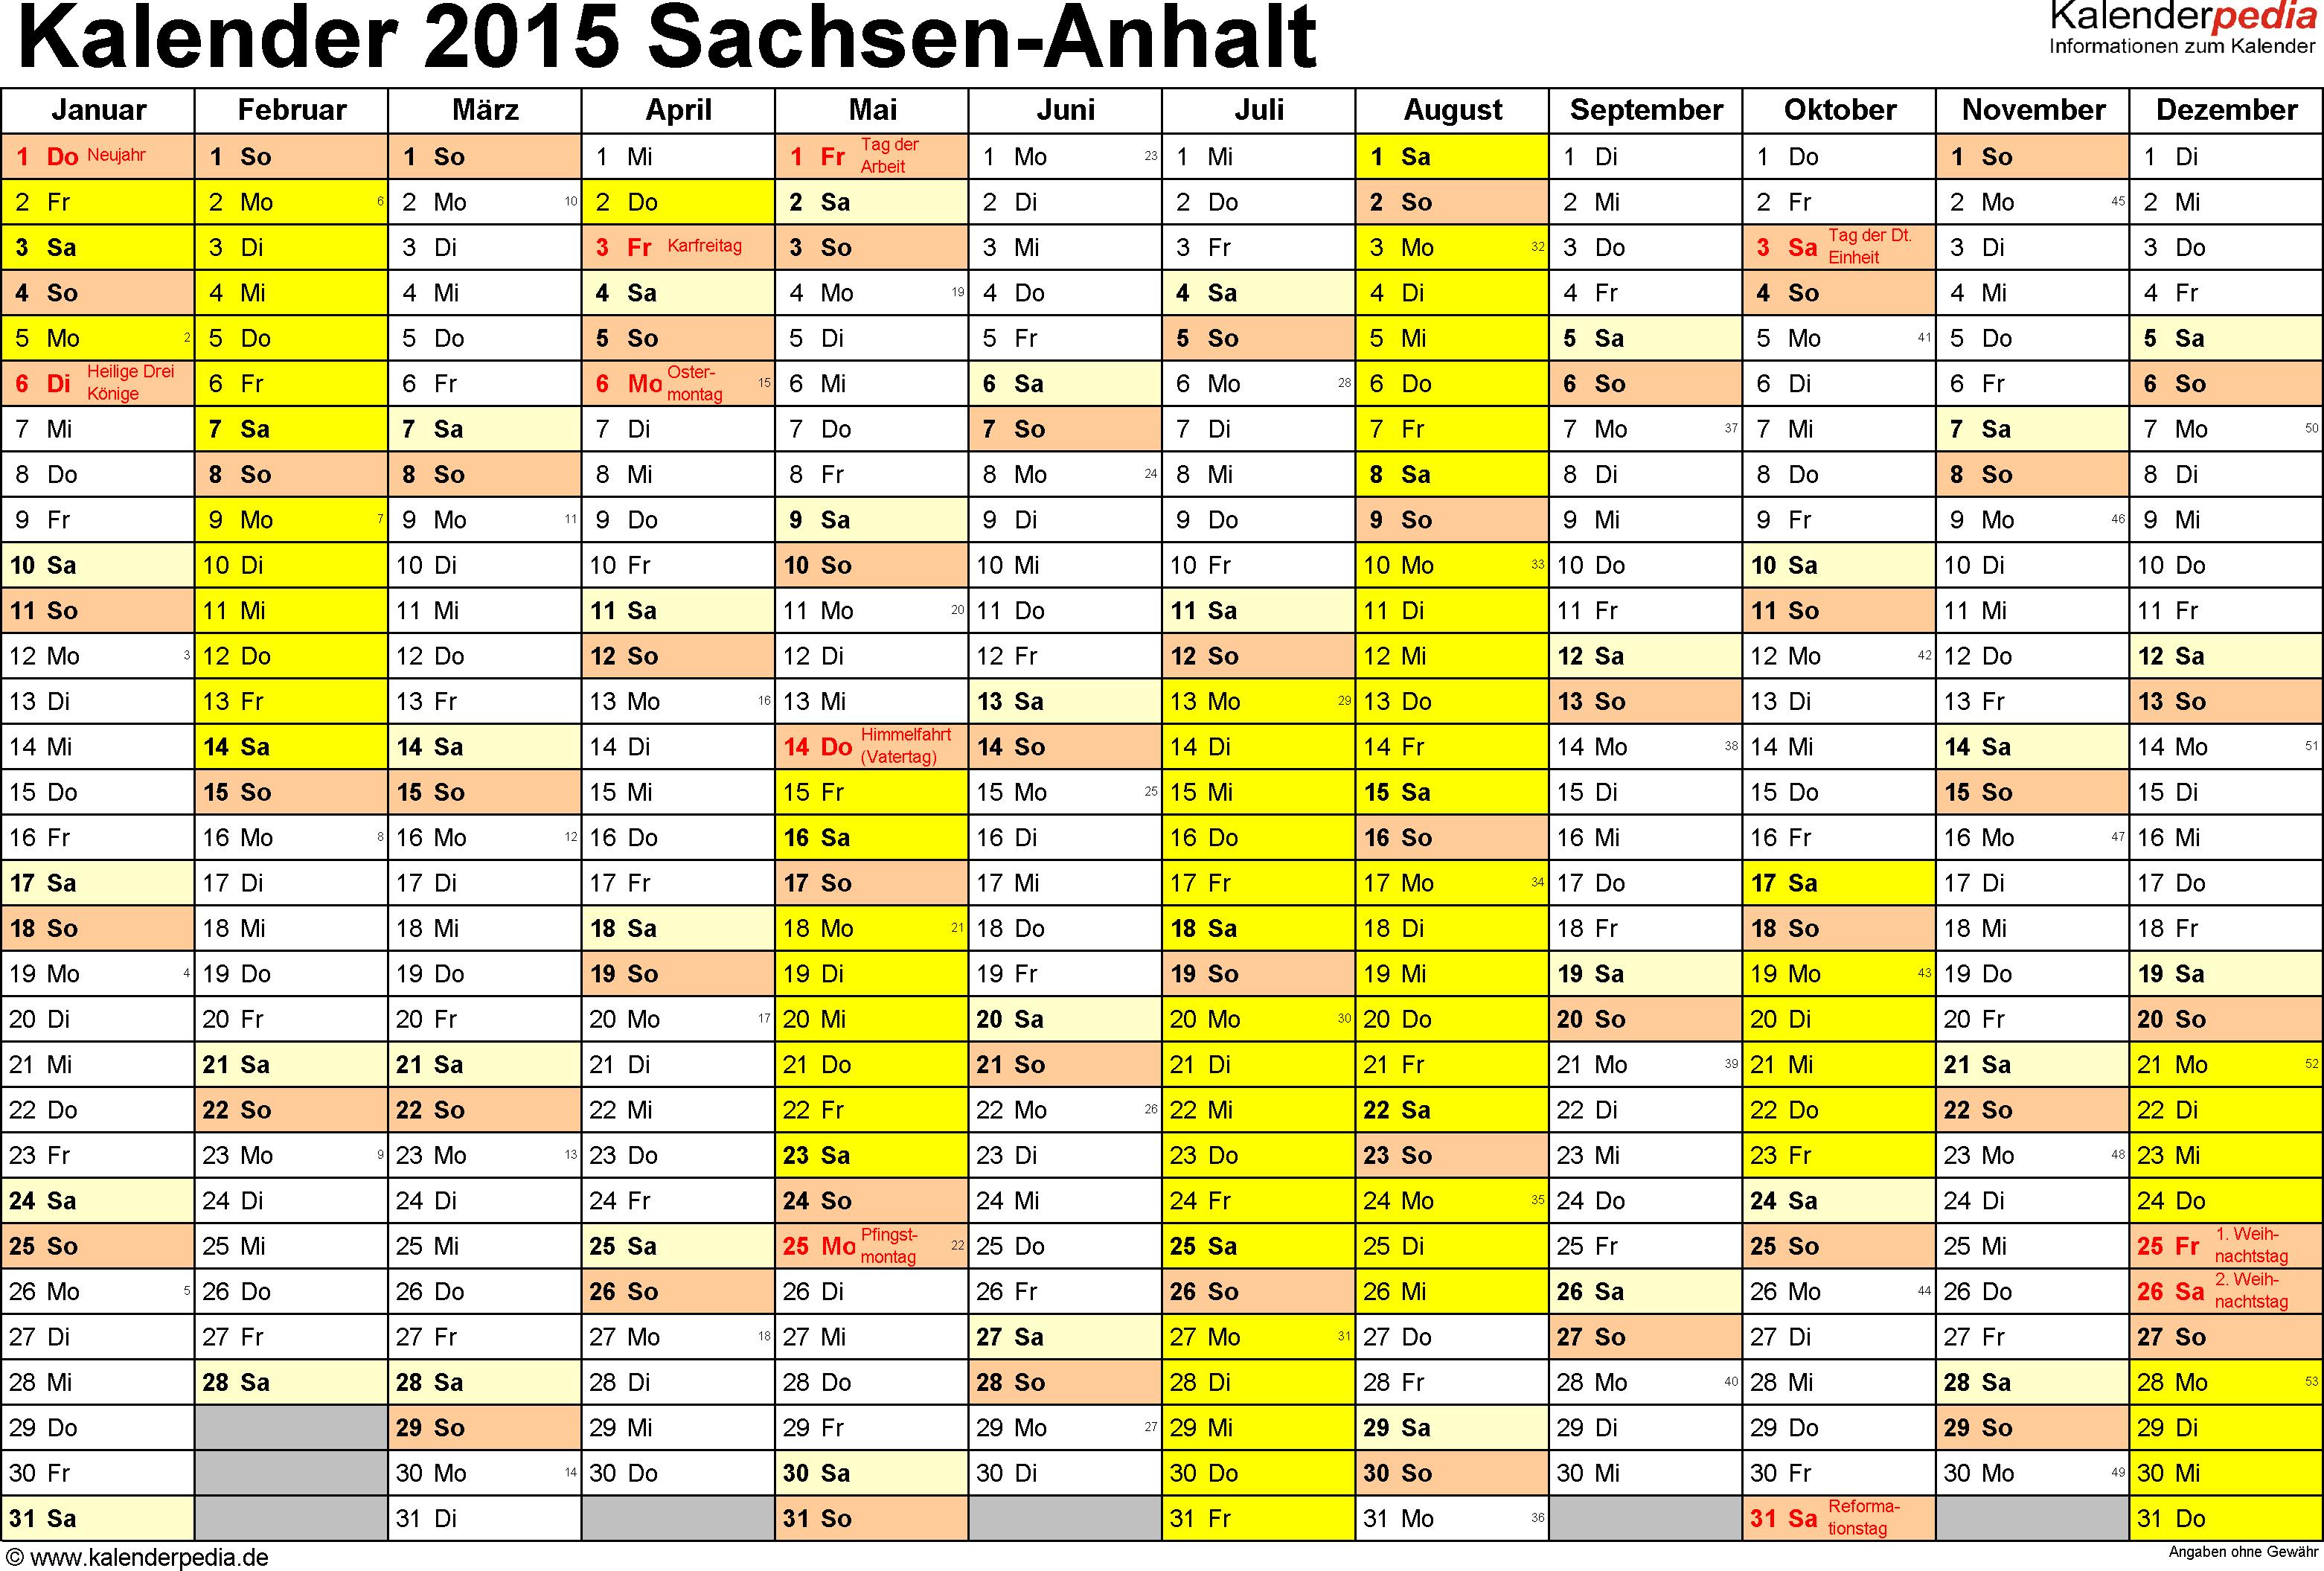 Vorlage 1: Kalender 2015 für Sachsen-Anhalt als Excel-Vorlagen (Querformat, 1 Seite)